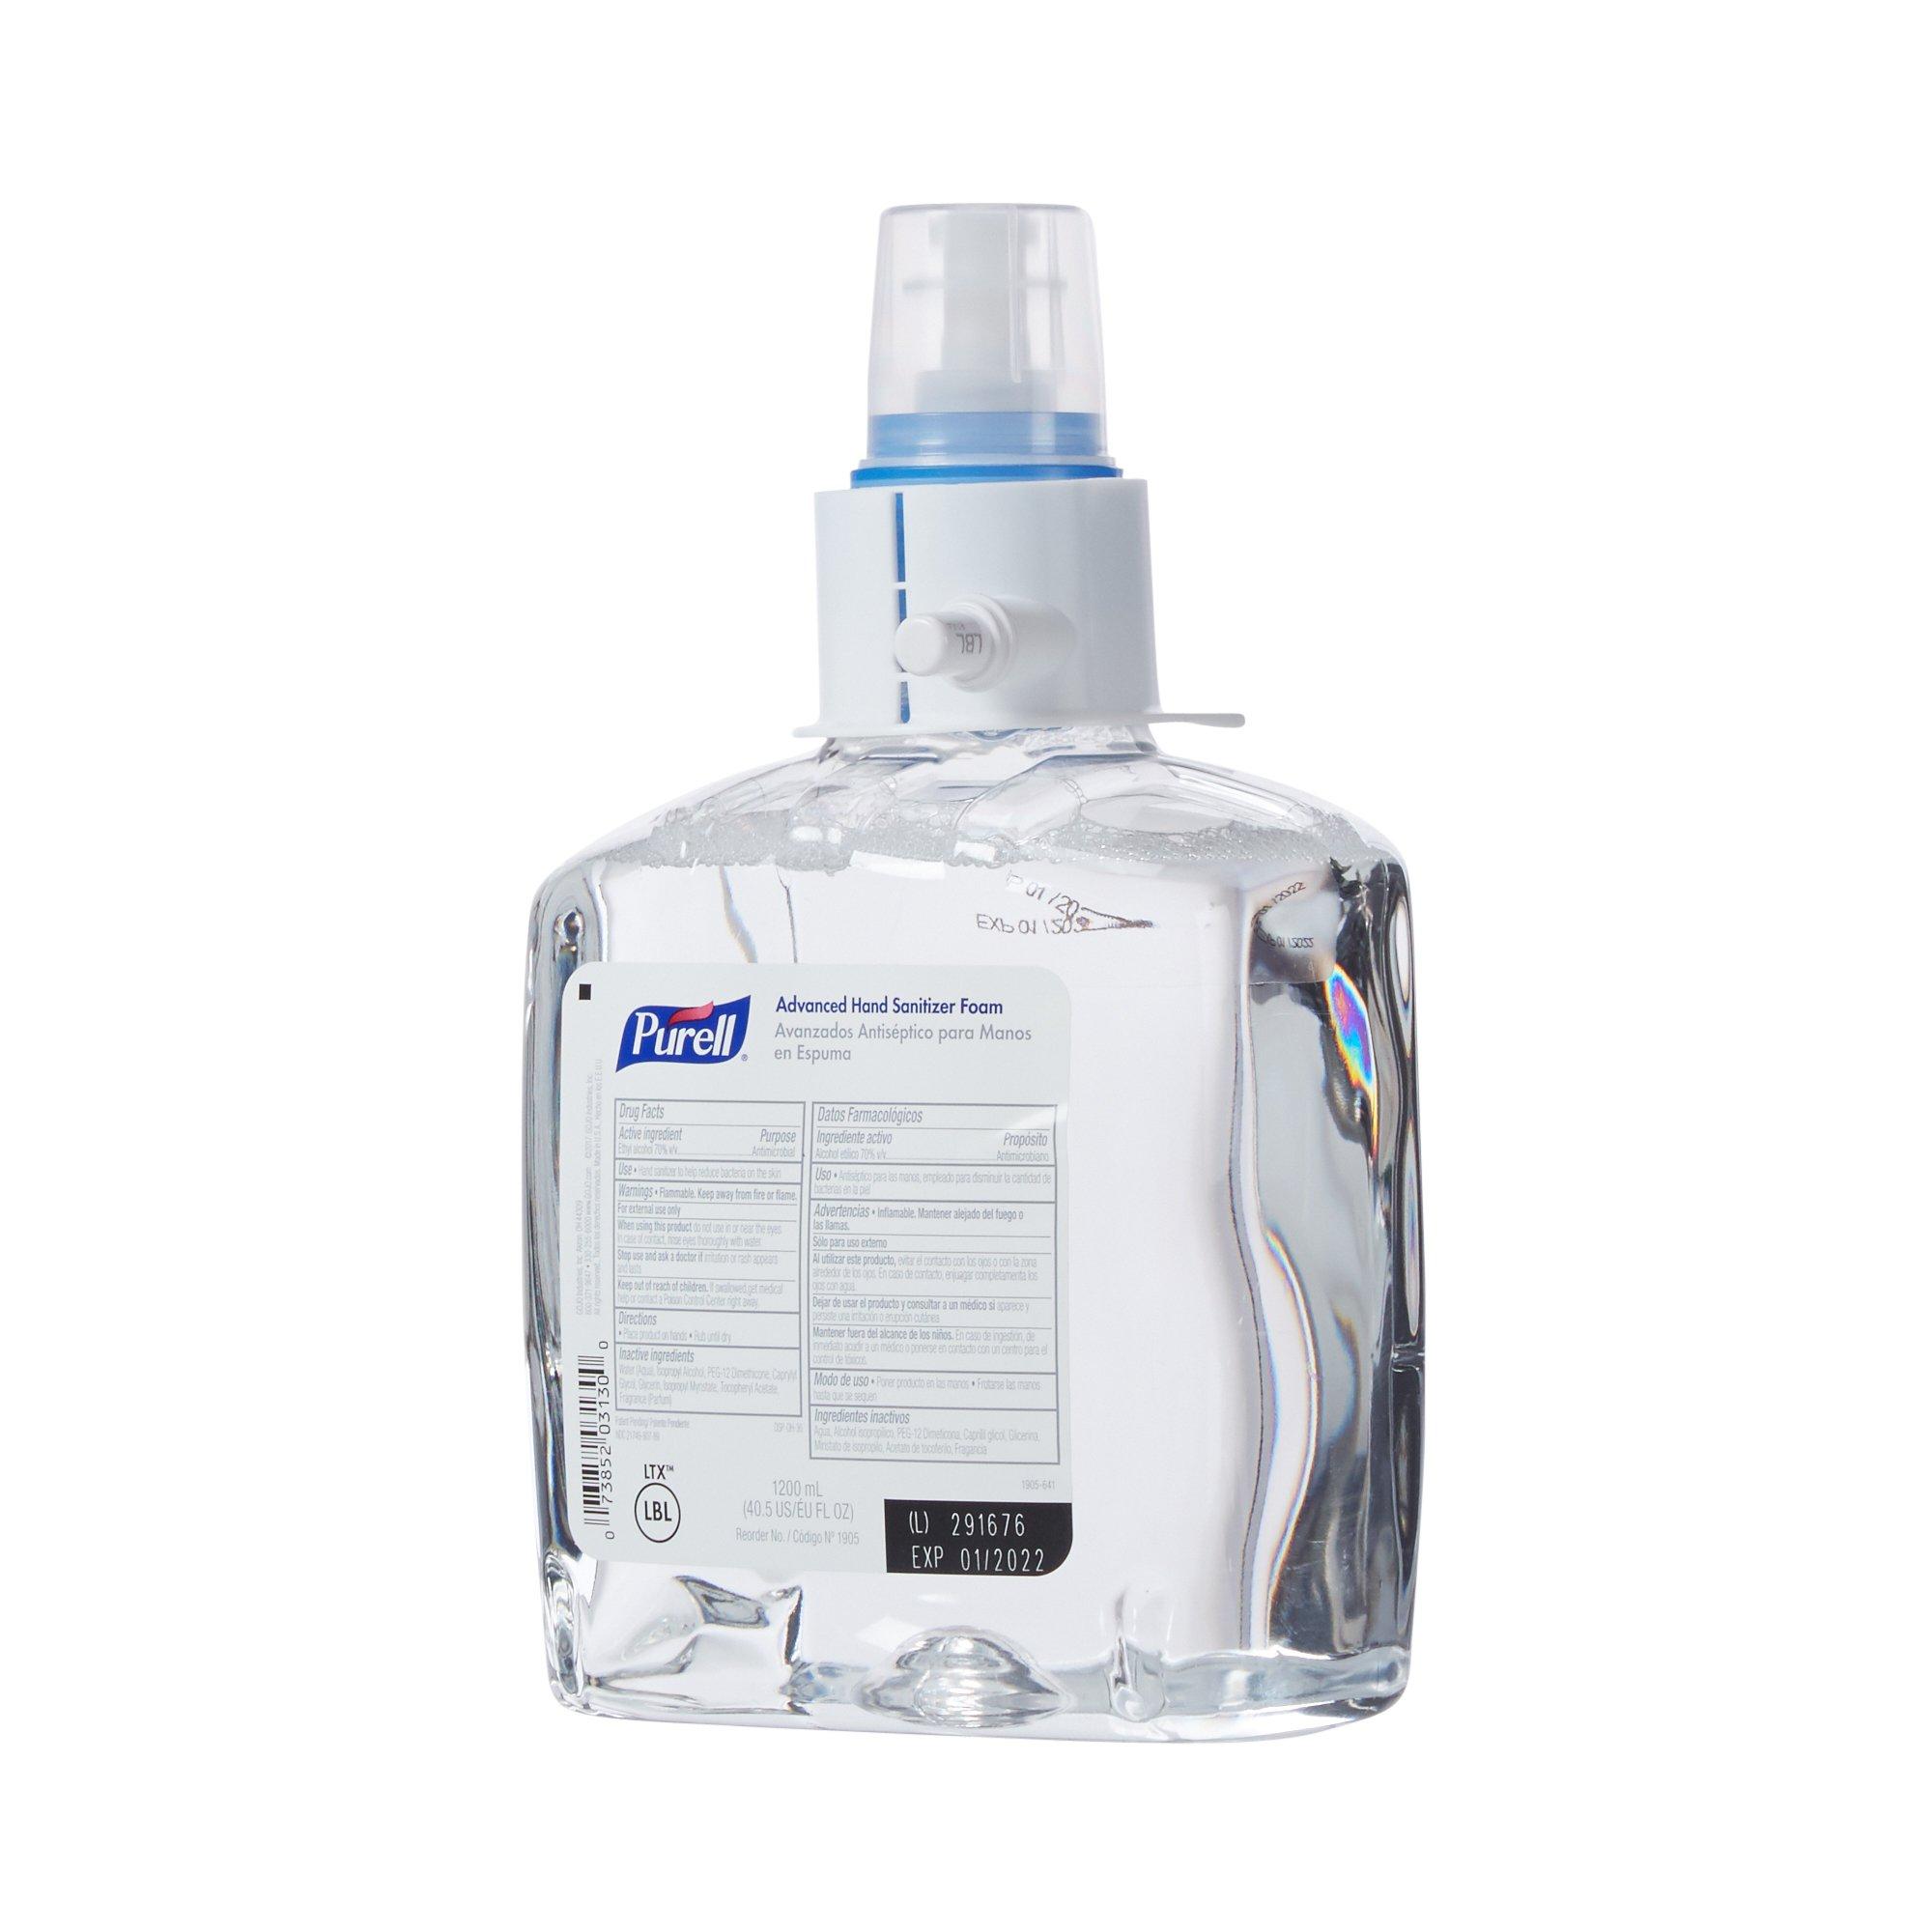 Purell Advanced Hand Sanitizer 1,200 mL Ethyl Alcohol Foaming Dispenser Refill Bottle, 1905-02 - Case of 2